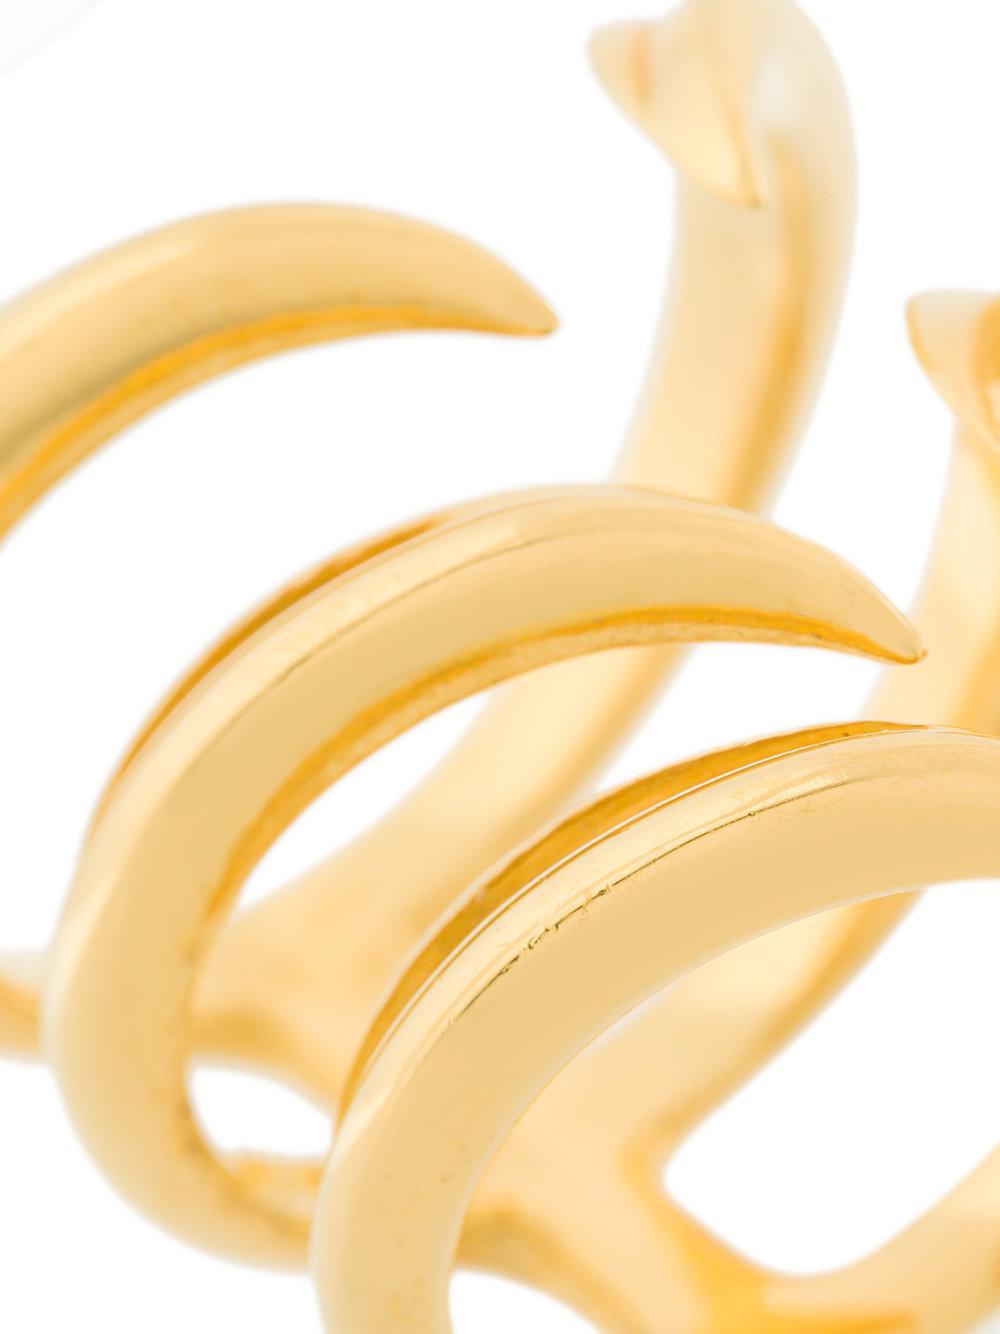 Niomo Calumus Ring in Metallic